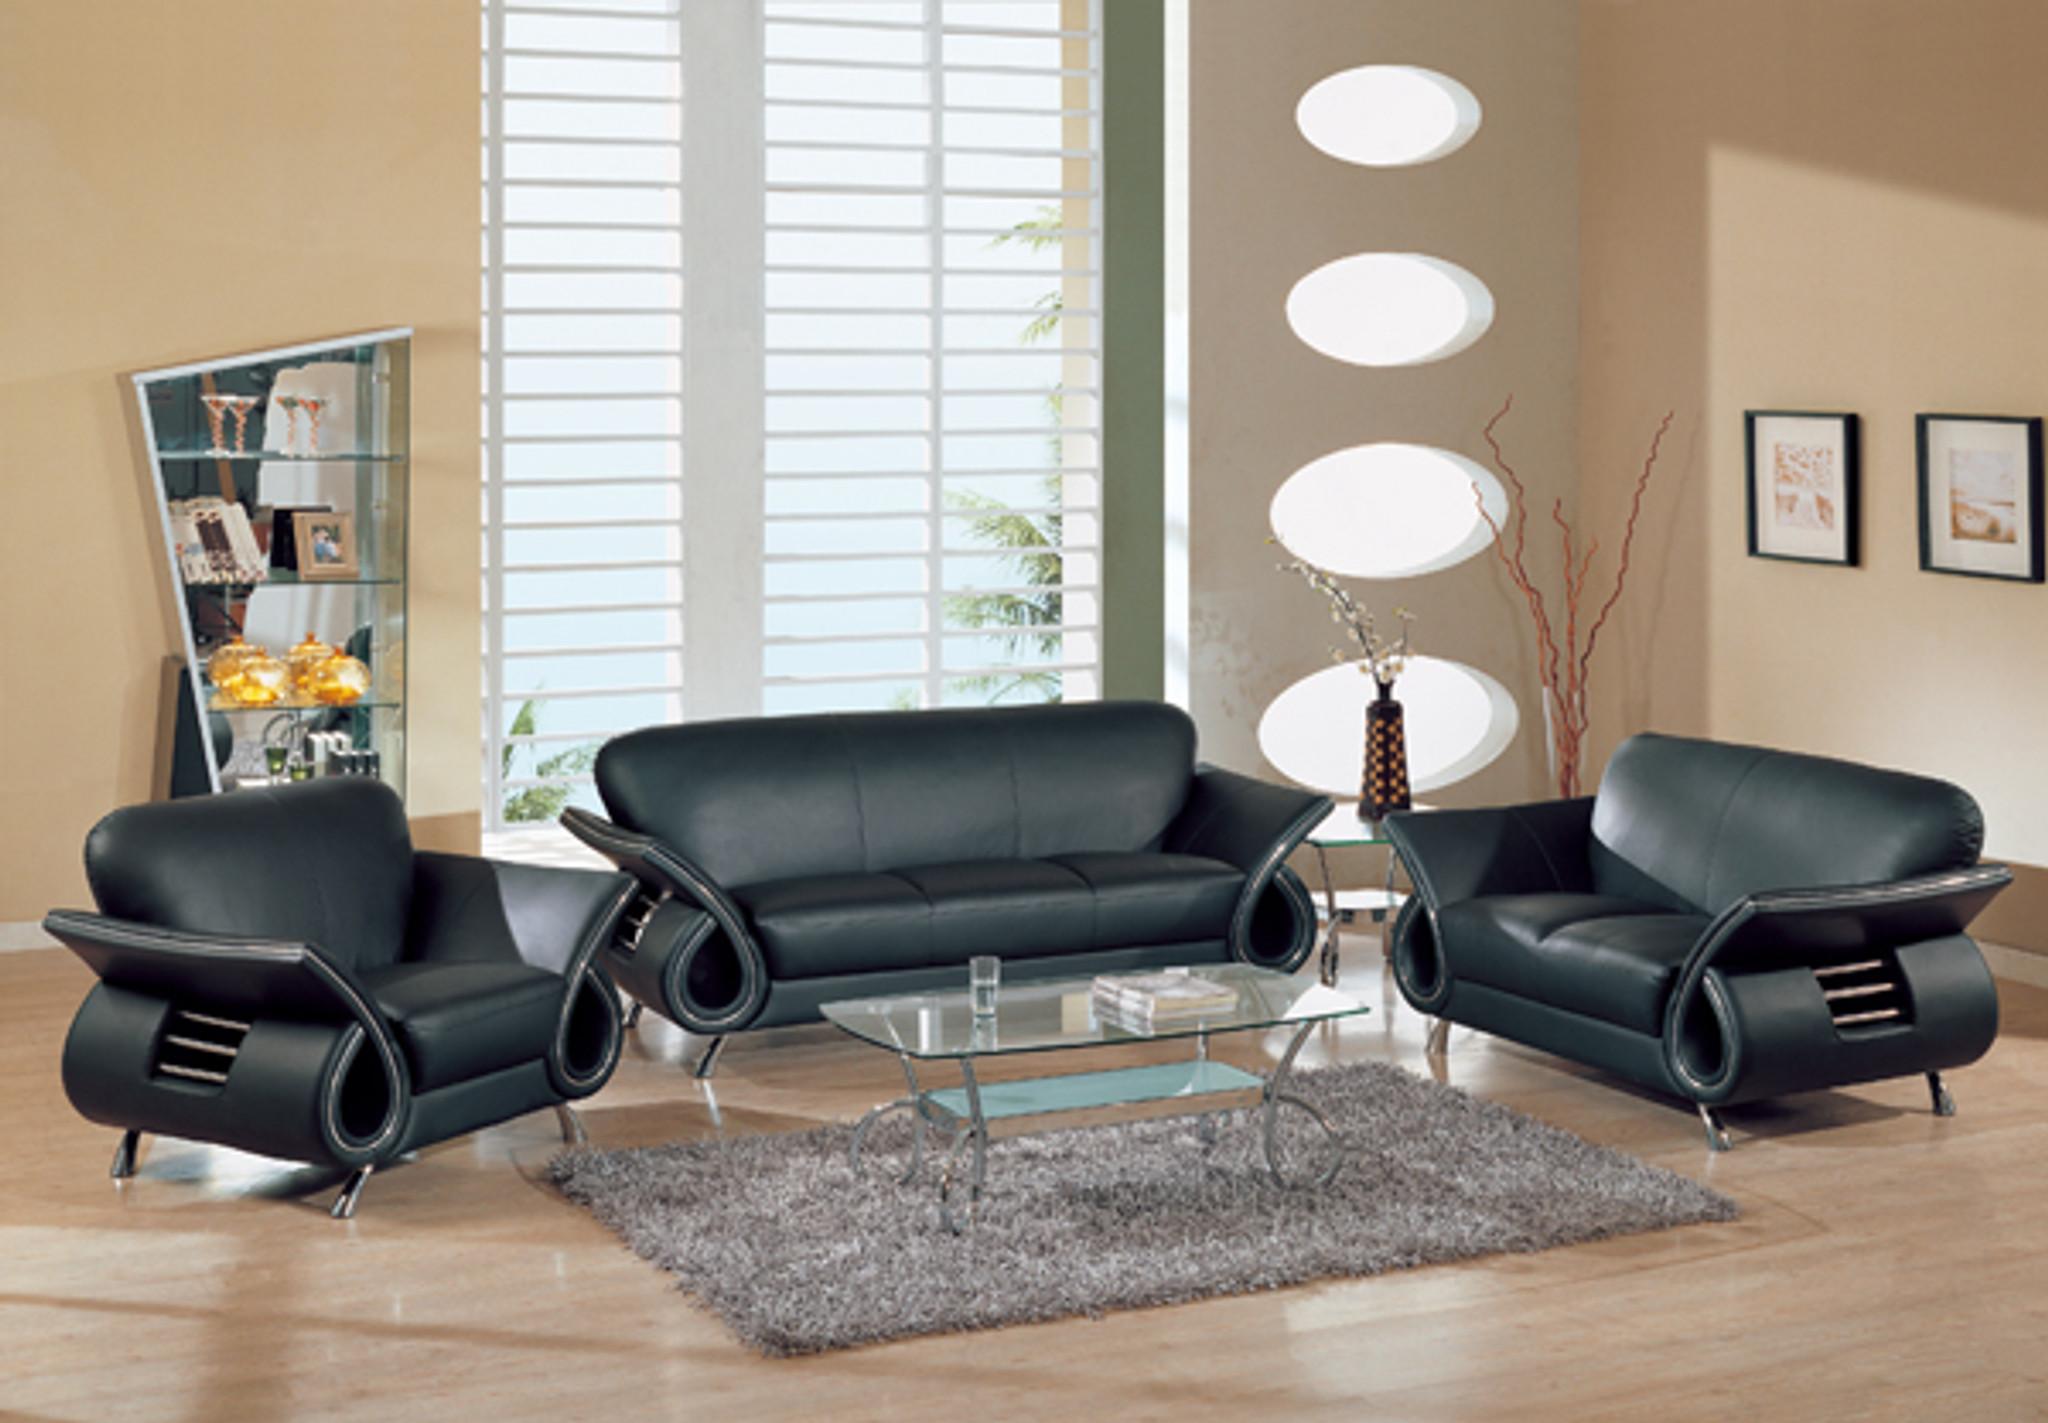 Kassa Mall Home Furniture U559 Black Black Leather Sofa Loveseat Set